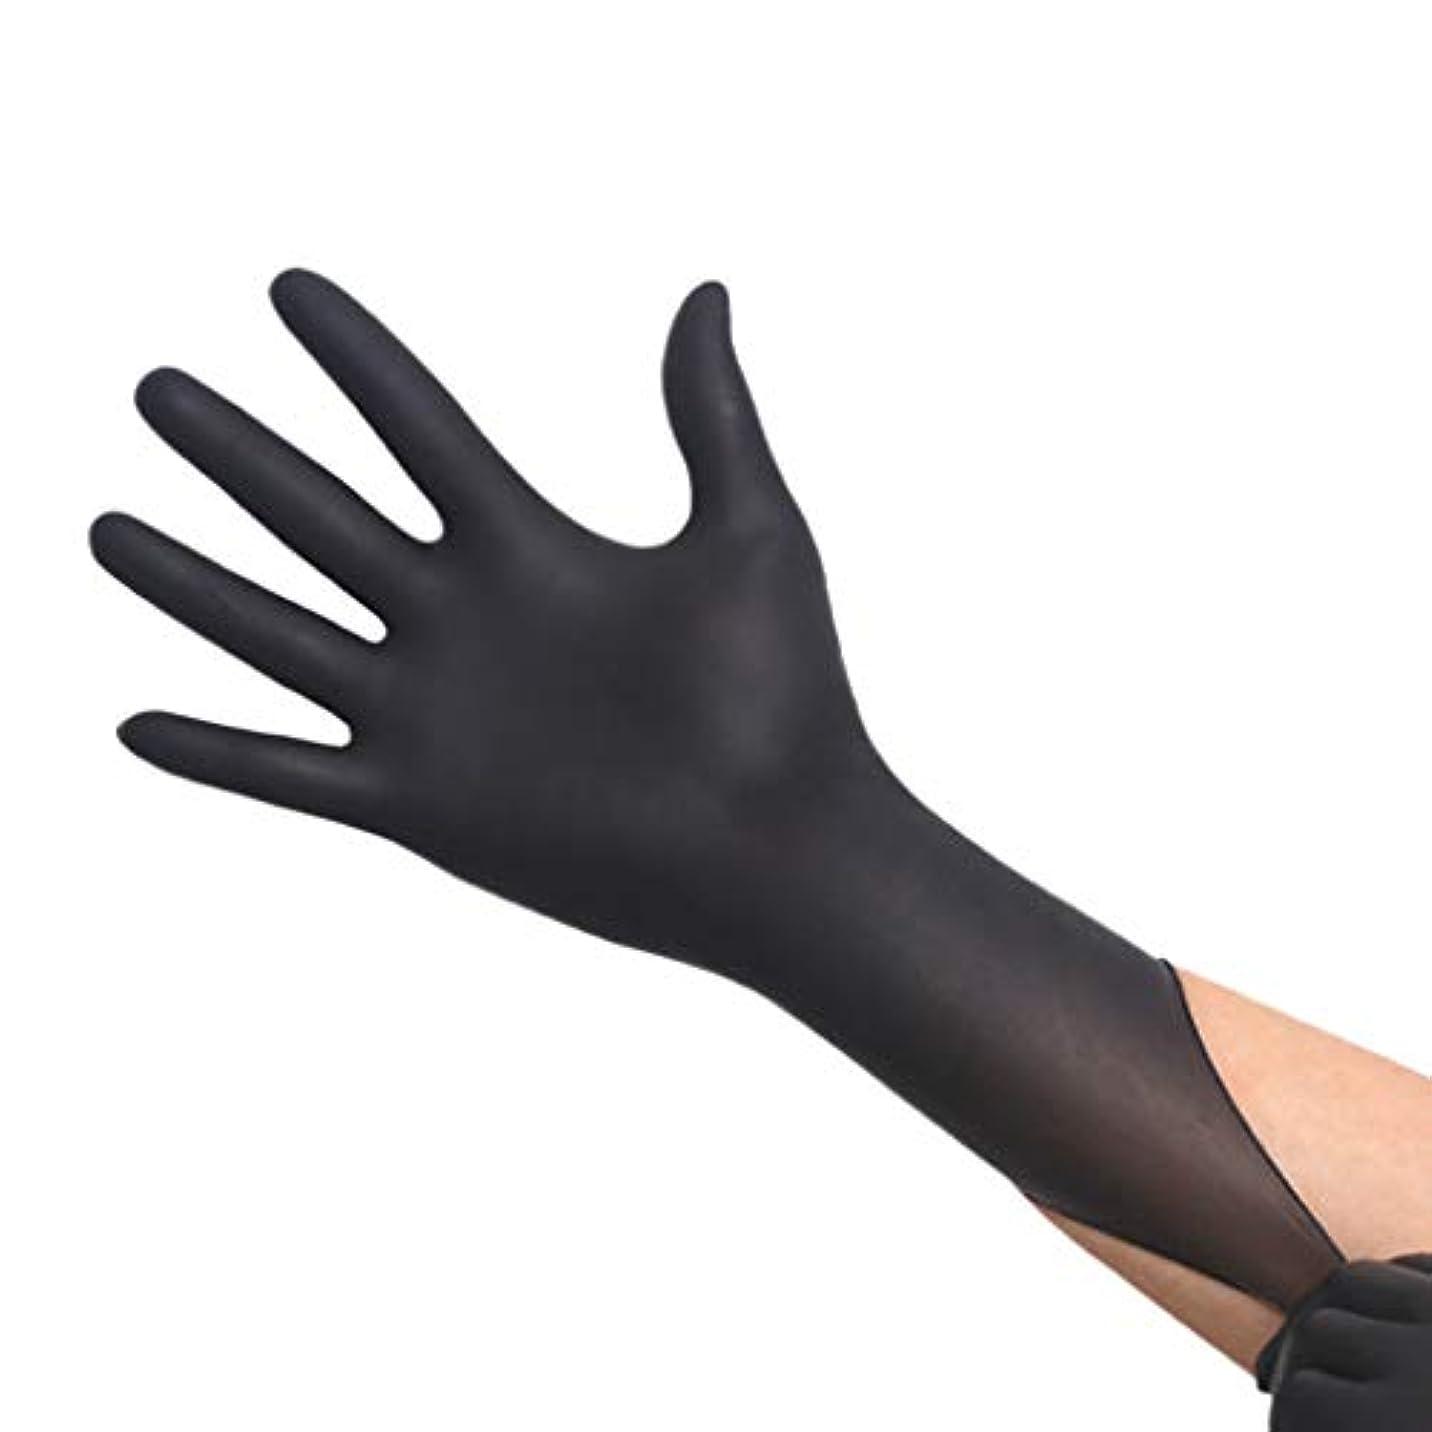 畝間残忍なスカルク厚手の耐摩耗性使い捨てブラックニトリル手袋 - 耐酸性美容サロン手袋、50ペア/箱 YANW (色 : ブラック, サイズ さいず : S s)